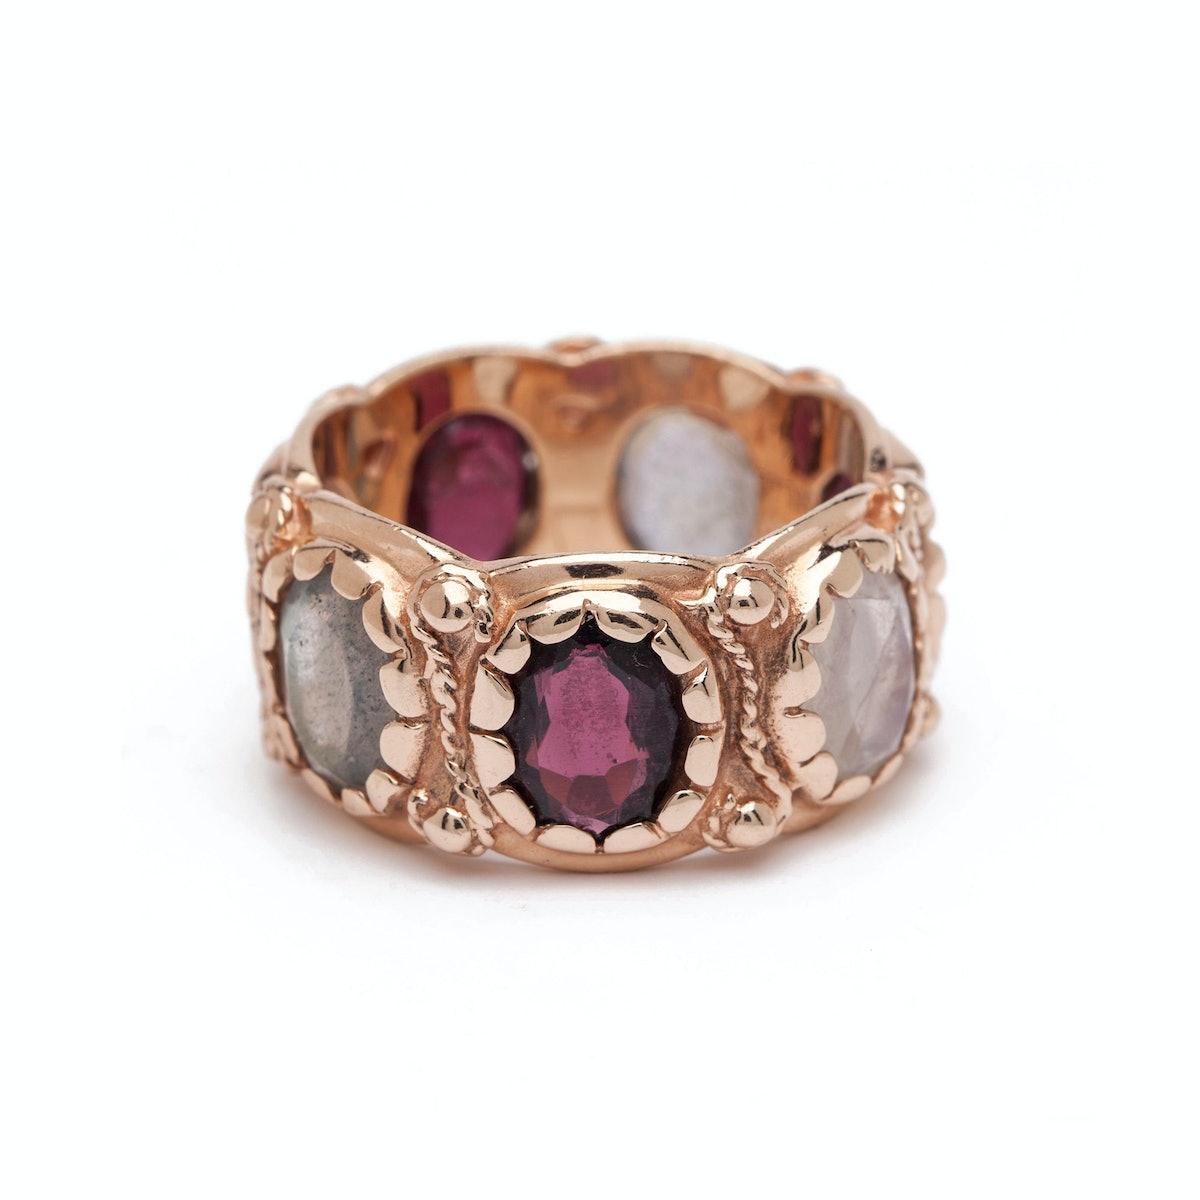 Arik Kastan 14K rose gold, Labradorite, moonstone, and garnet ring